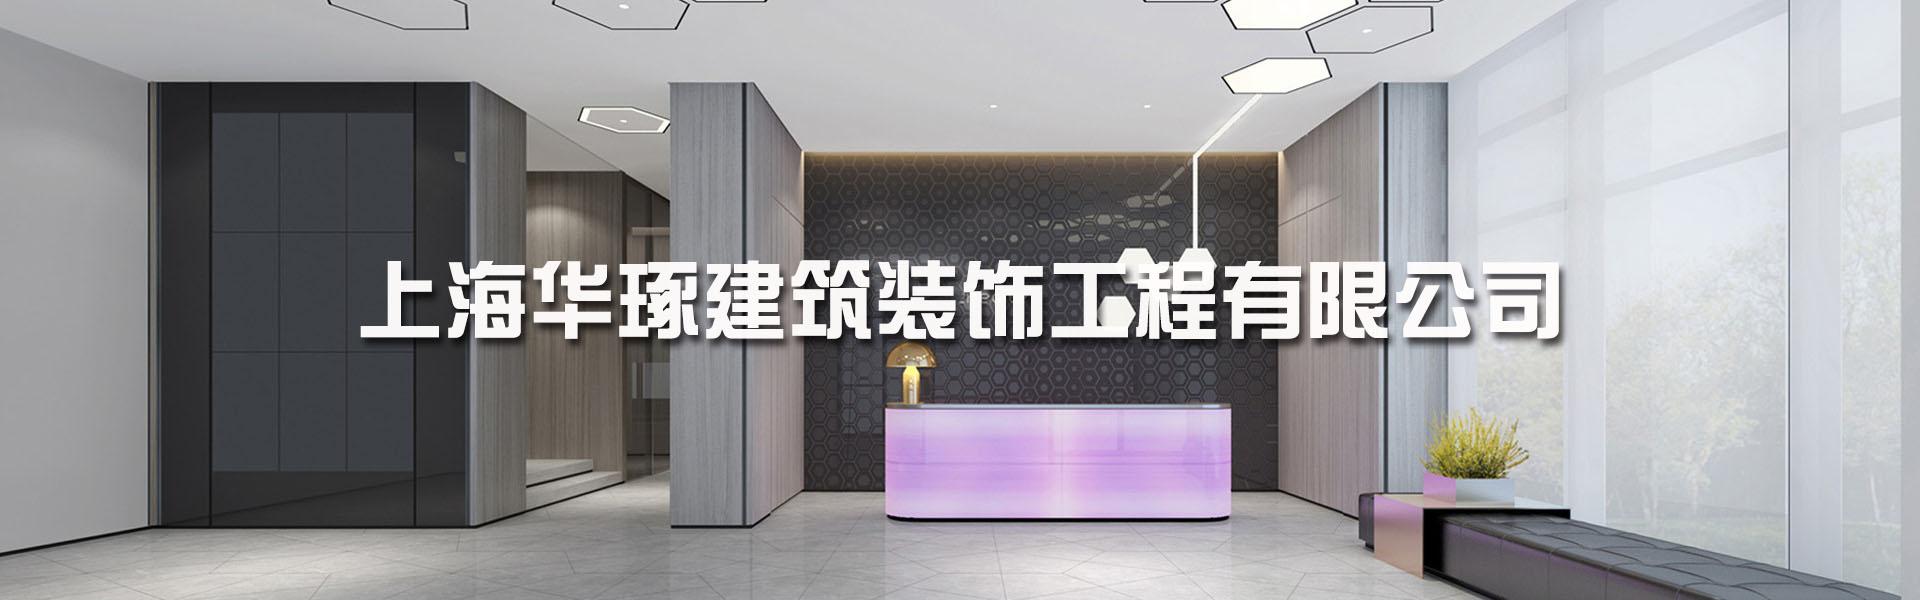 上海办公楼装修哪家好